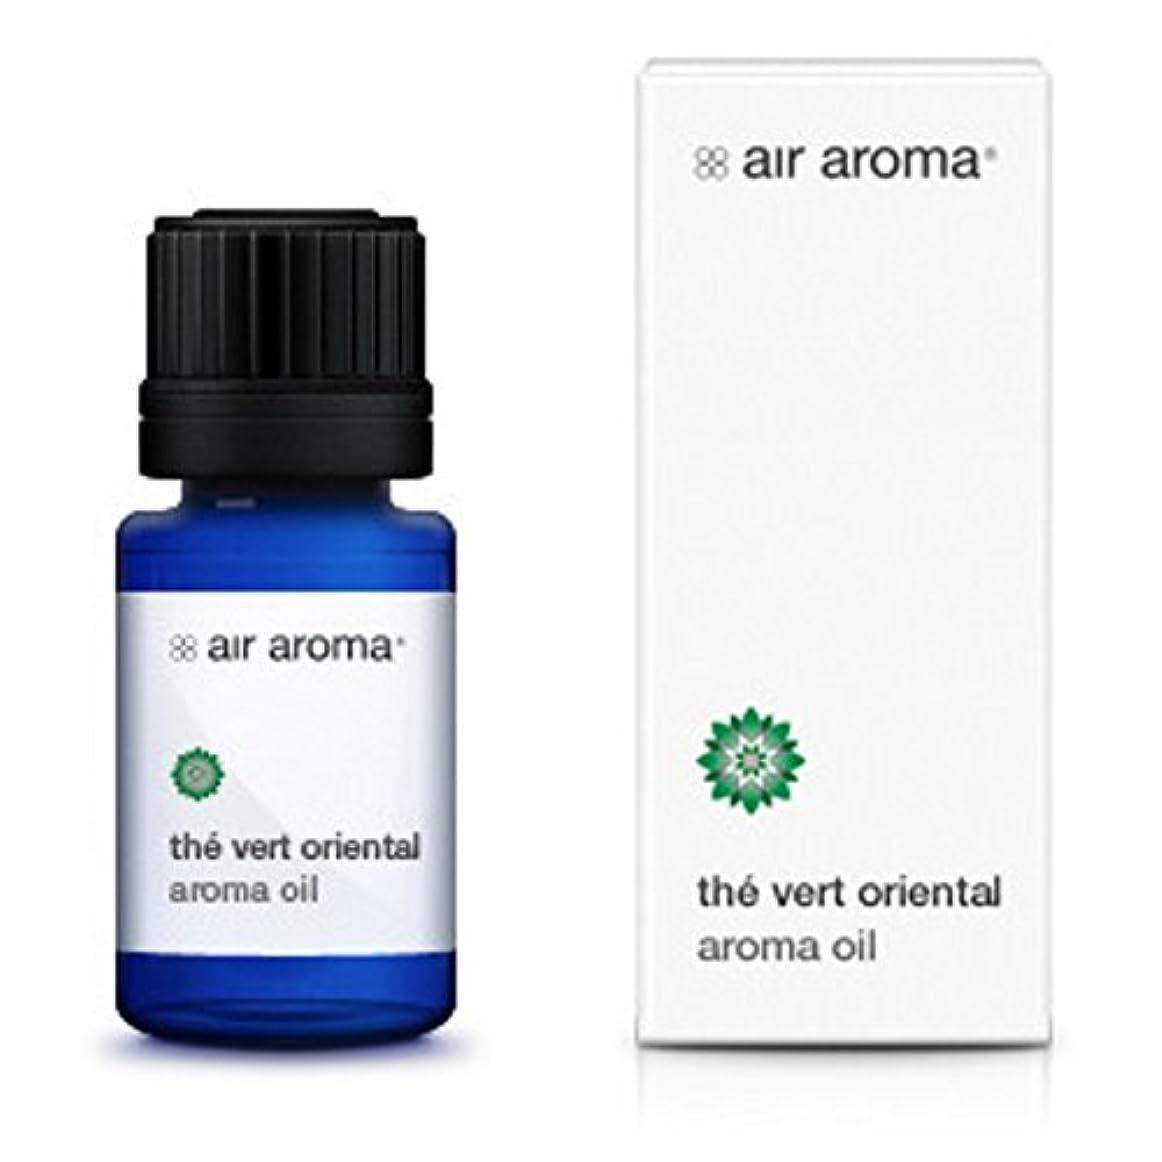 盆暴露する武器エアアロマ the vert oriental (テヴェールオリエンタル) 250ml [並行輸入品]